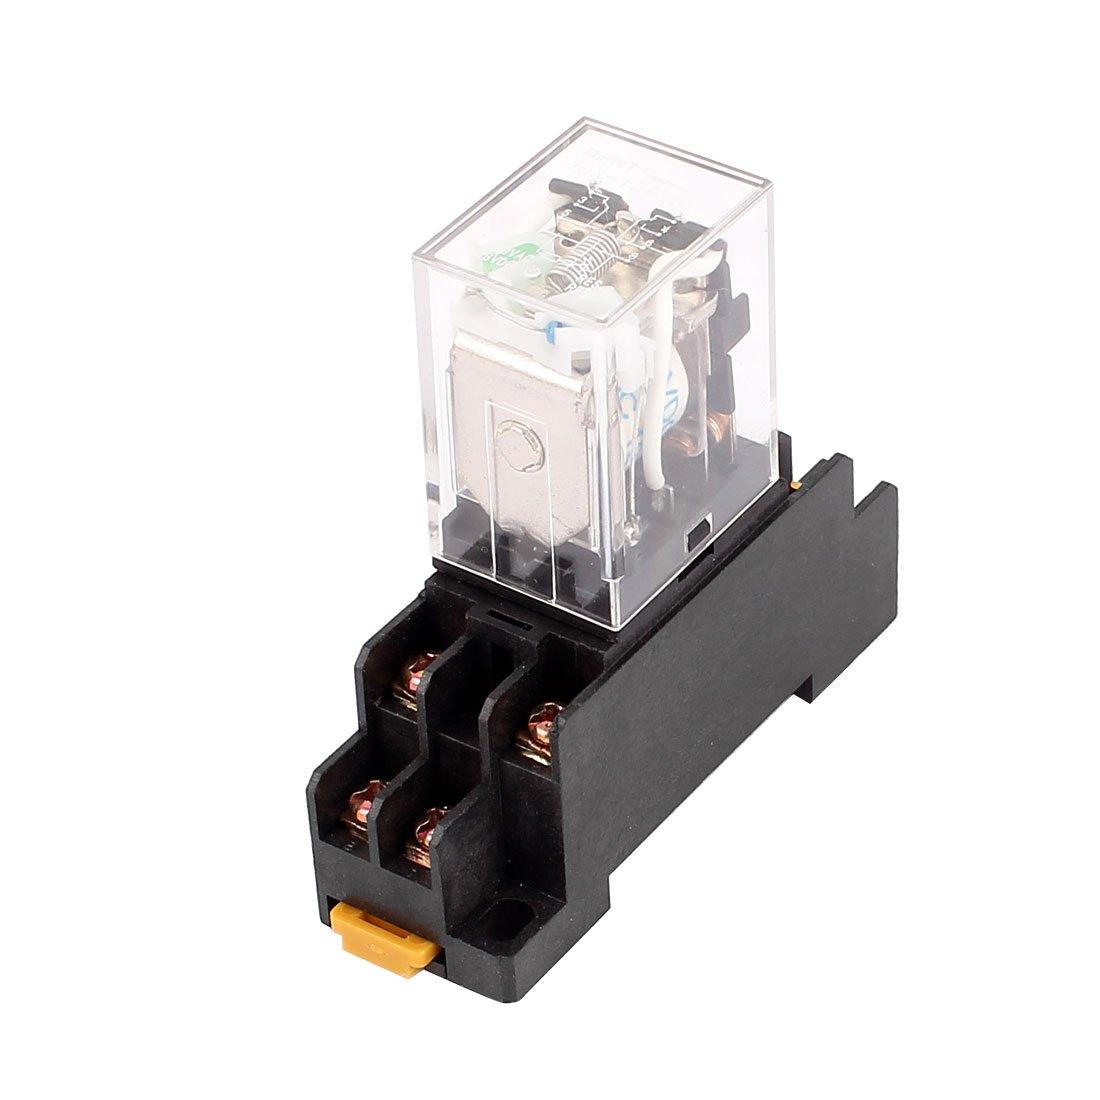 sourcingmap® DC 12V Coil DPDT 8broches électromagnétique Relais de puissance w Socket base SYNCTEA001128